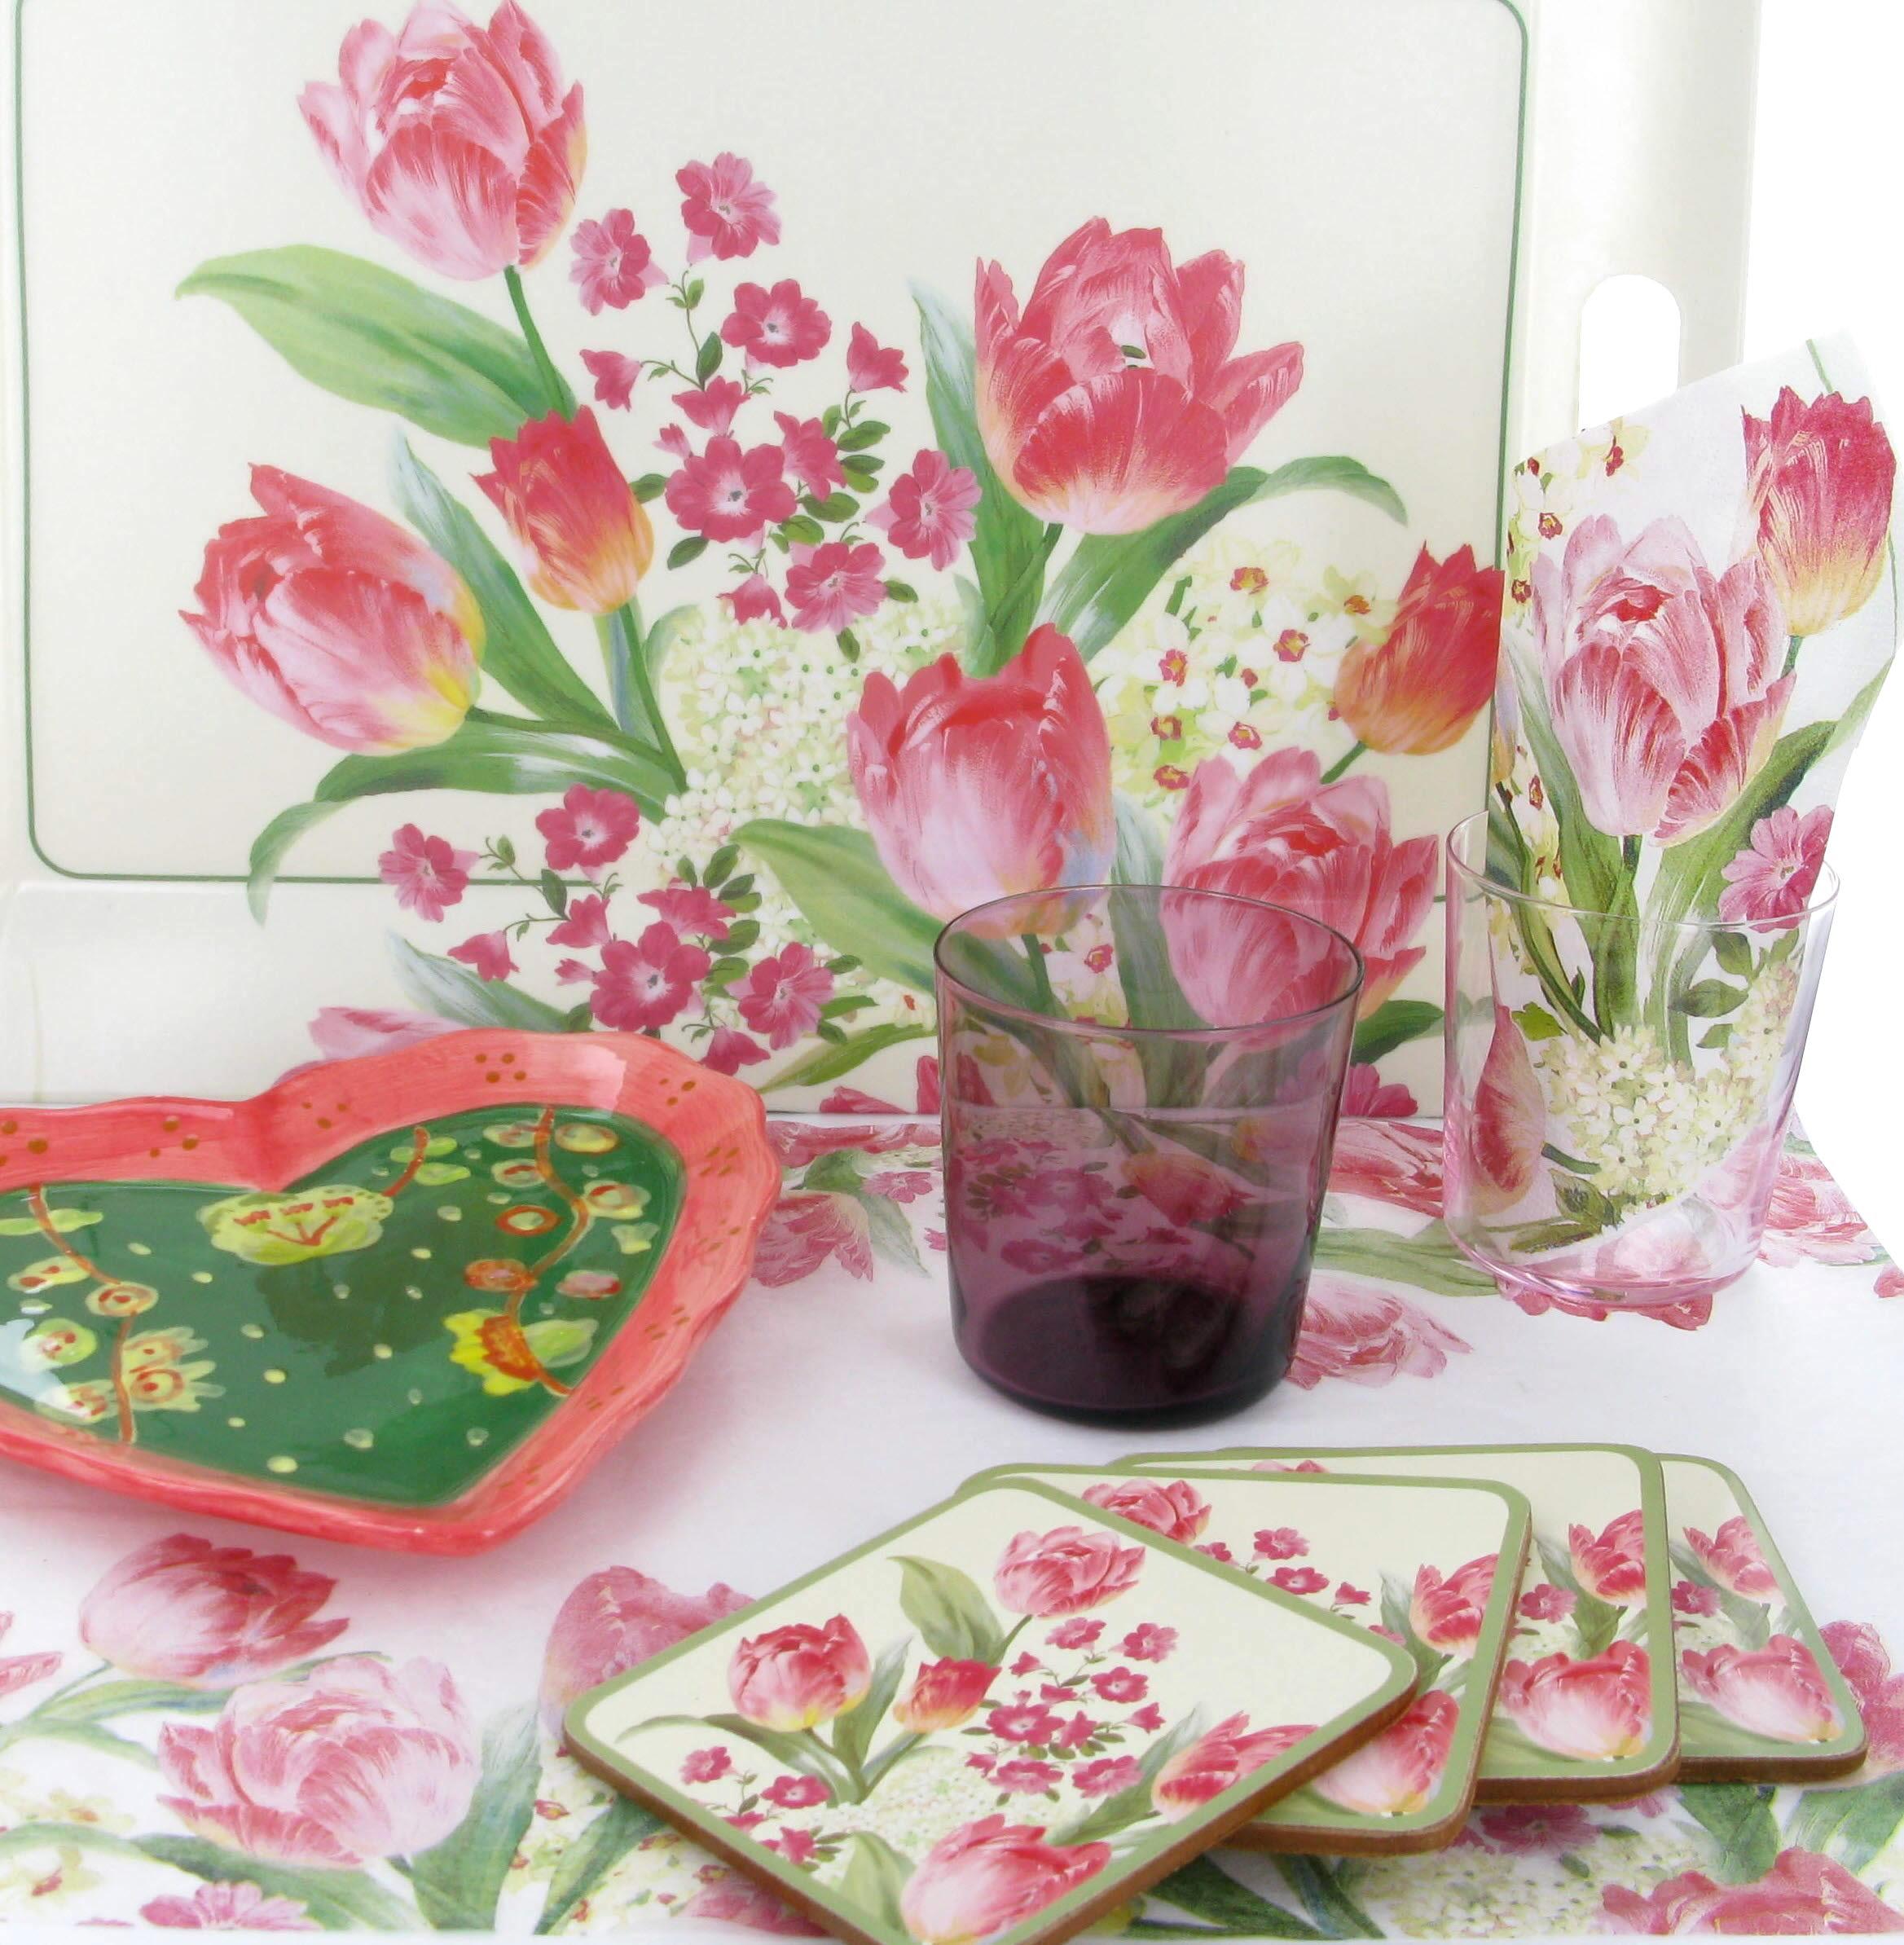 tulipes-roses-meyhui